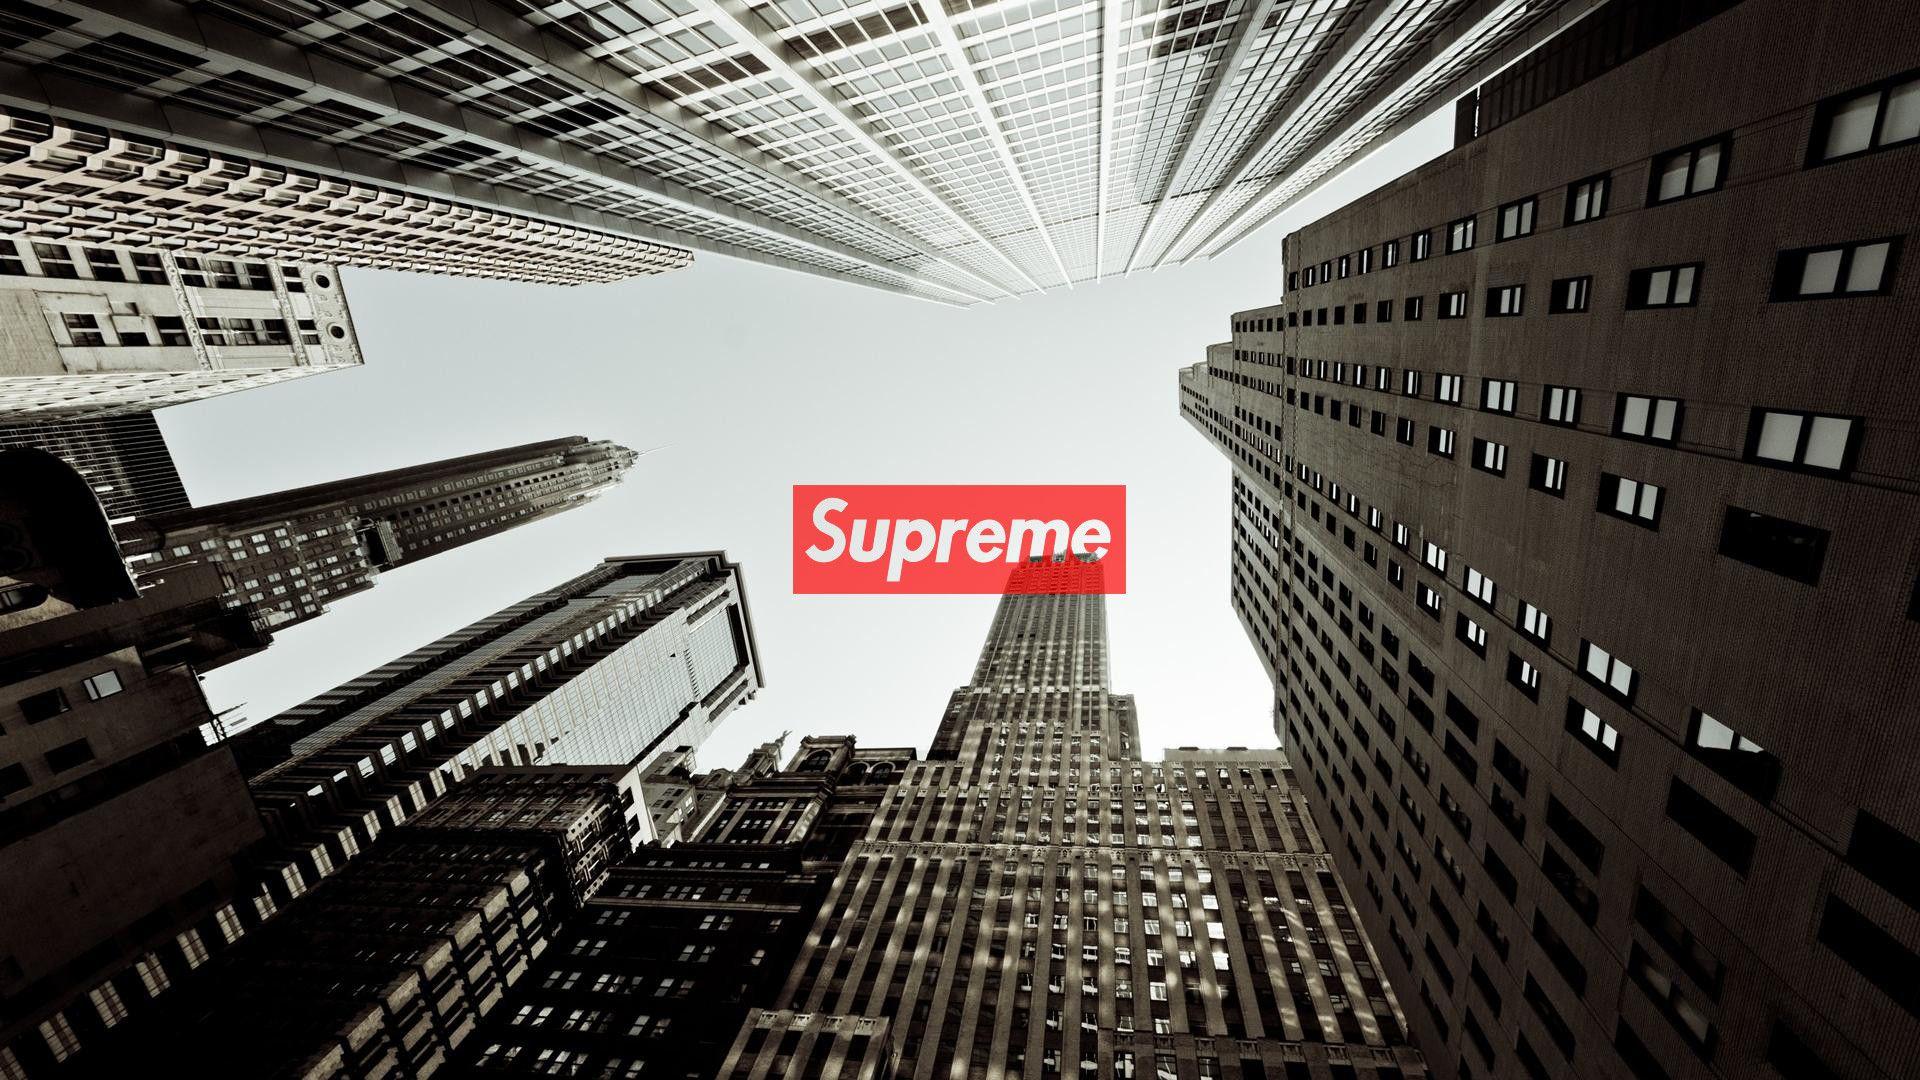 AC Supreme